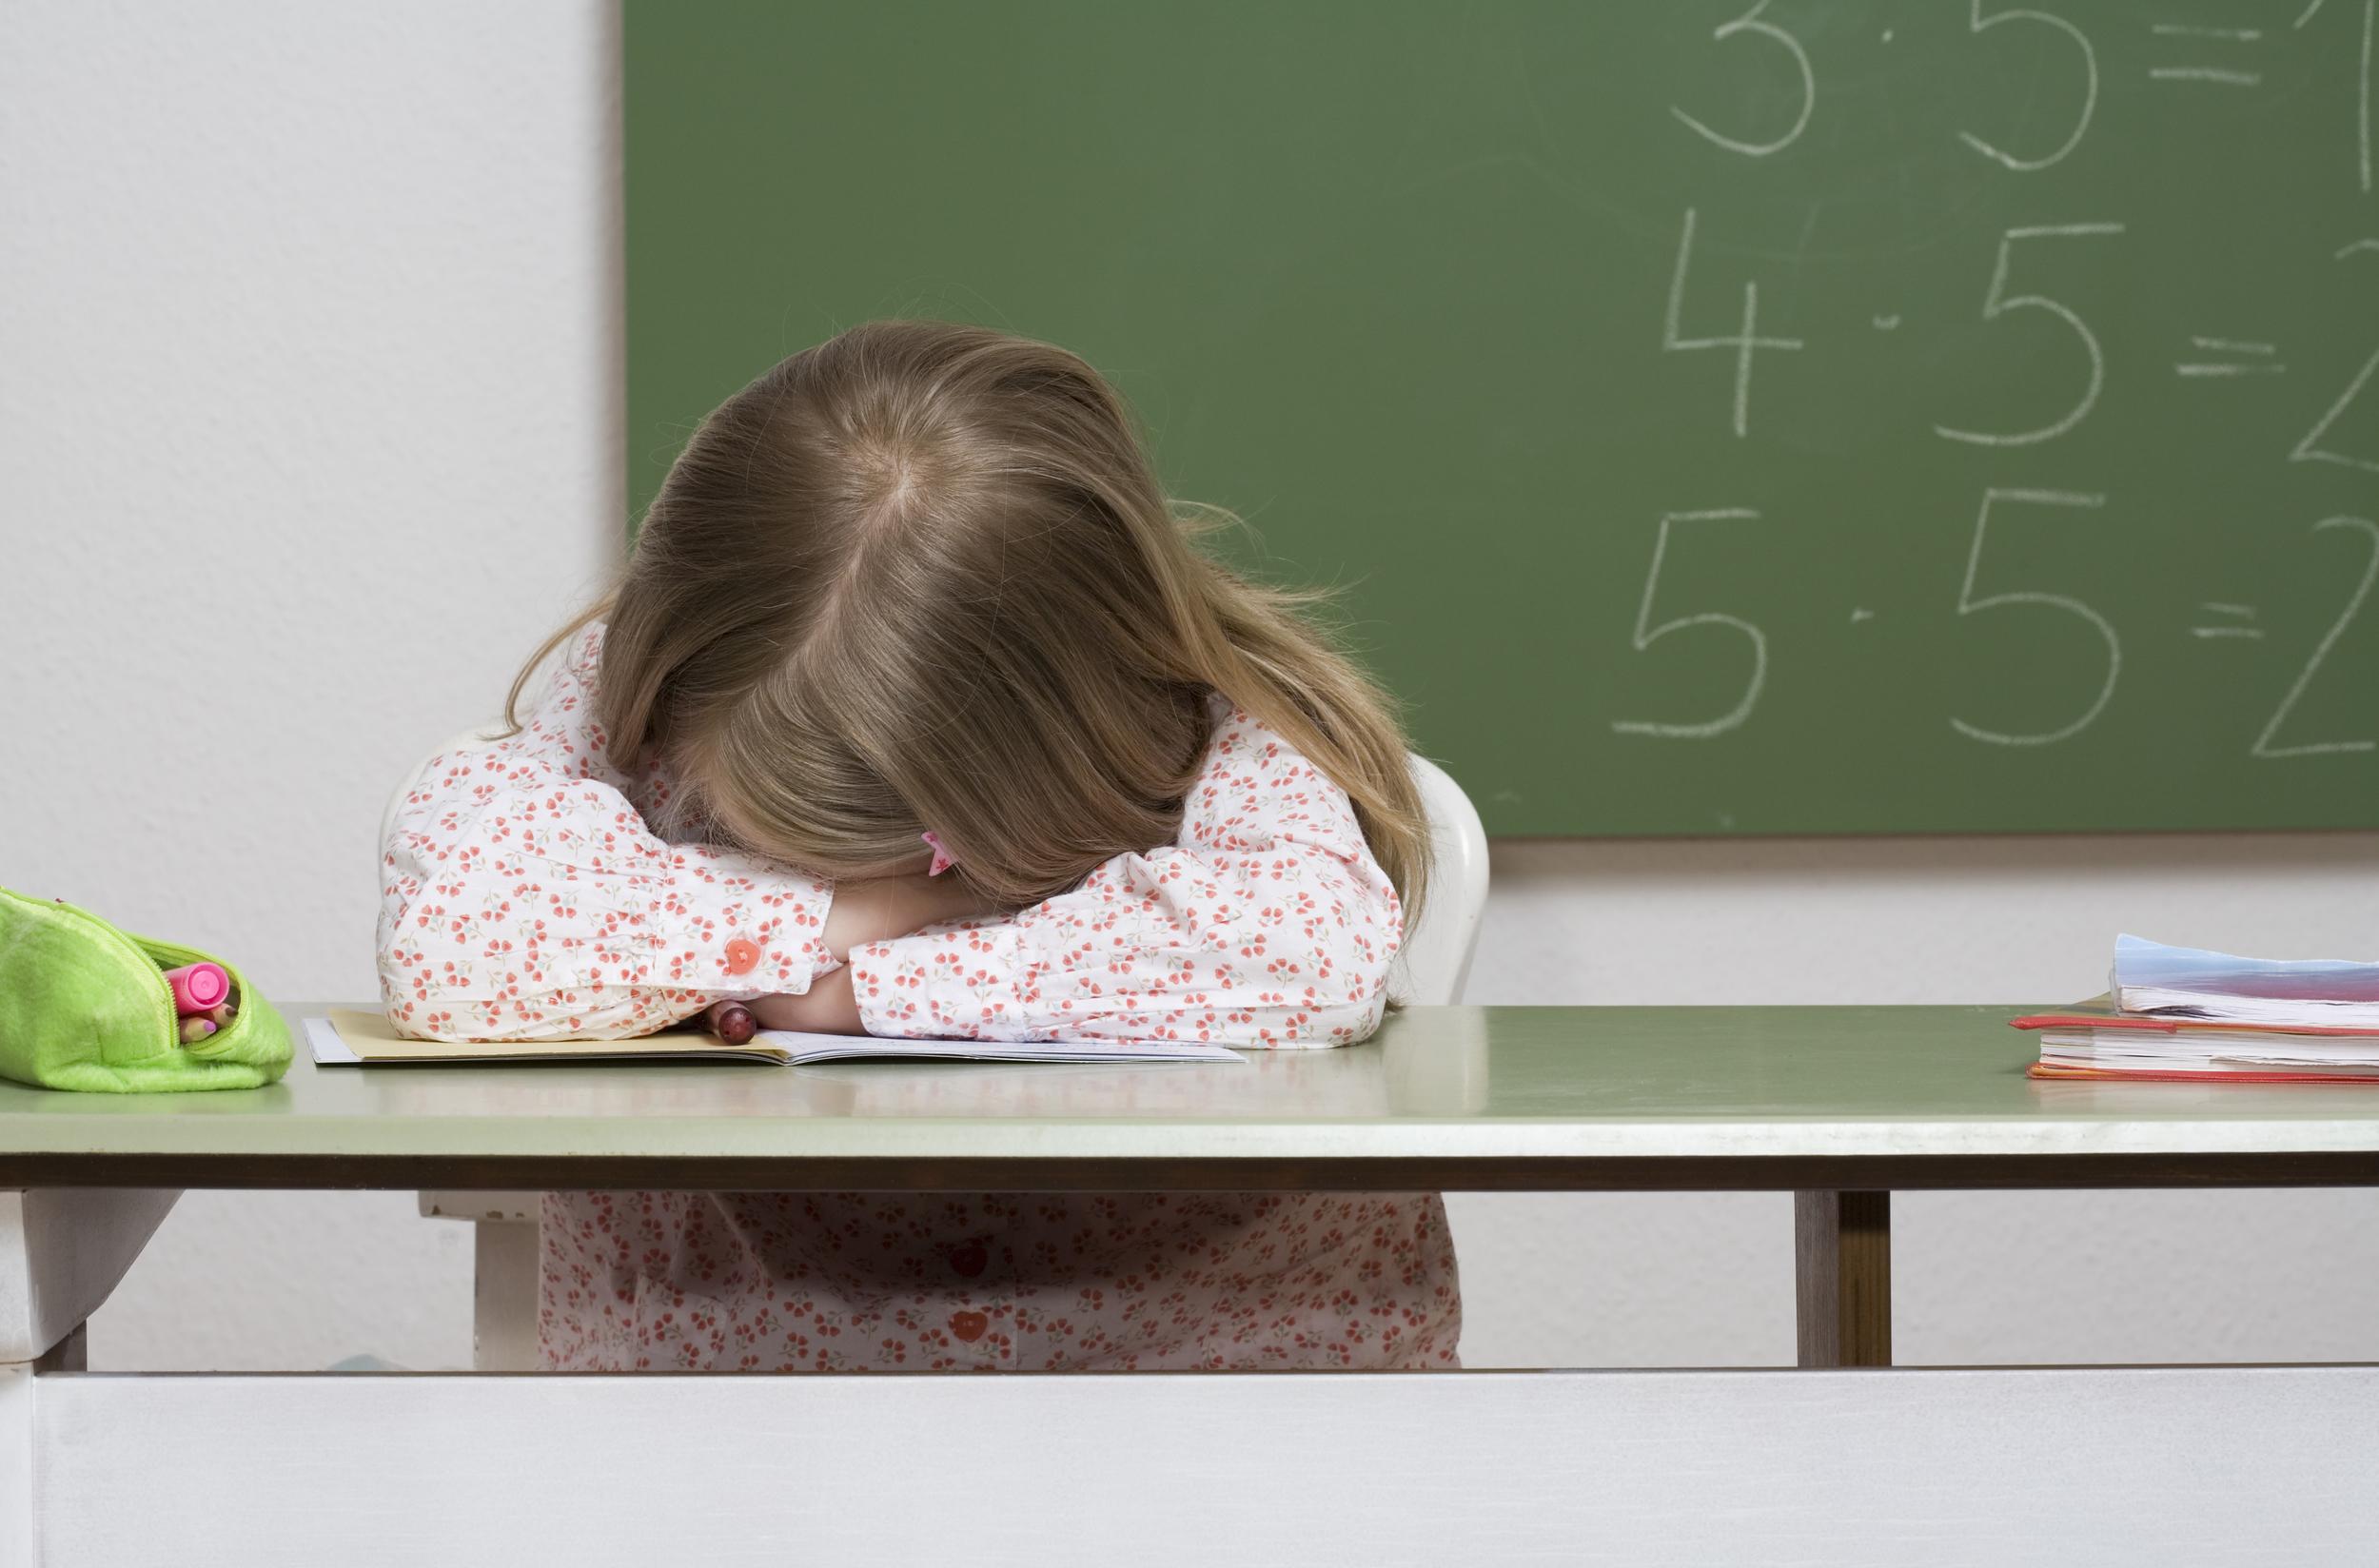 Pandemin har försämrat elevers psykiska hälsa